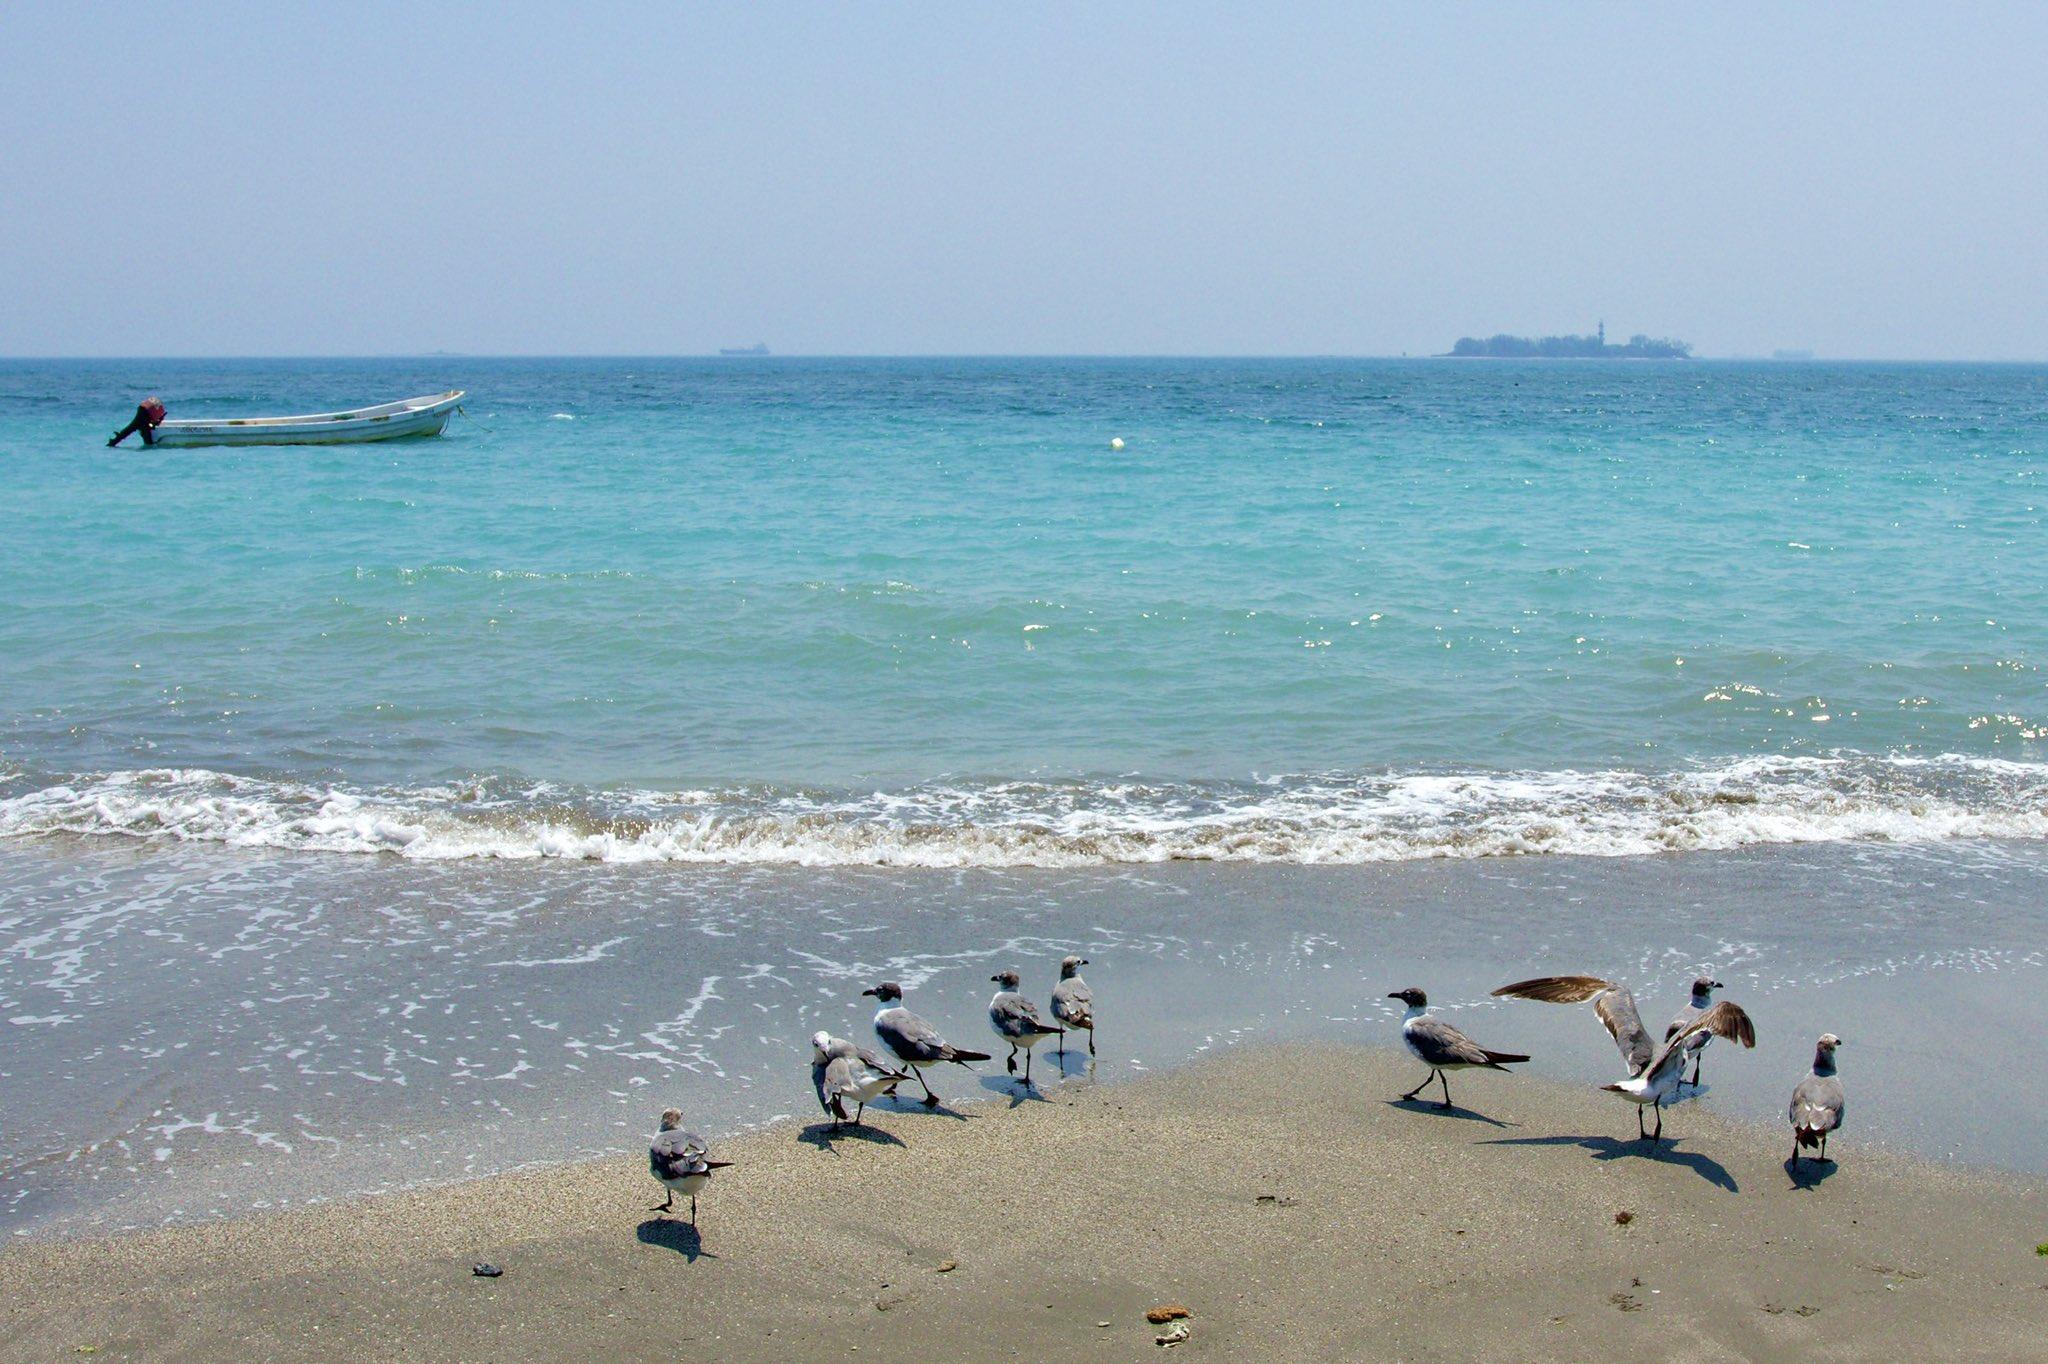 Playas de Veracruz se pintan de azul turquesa